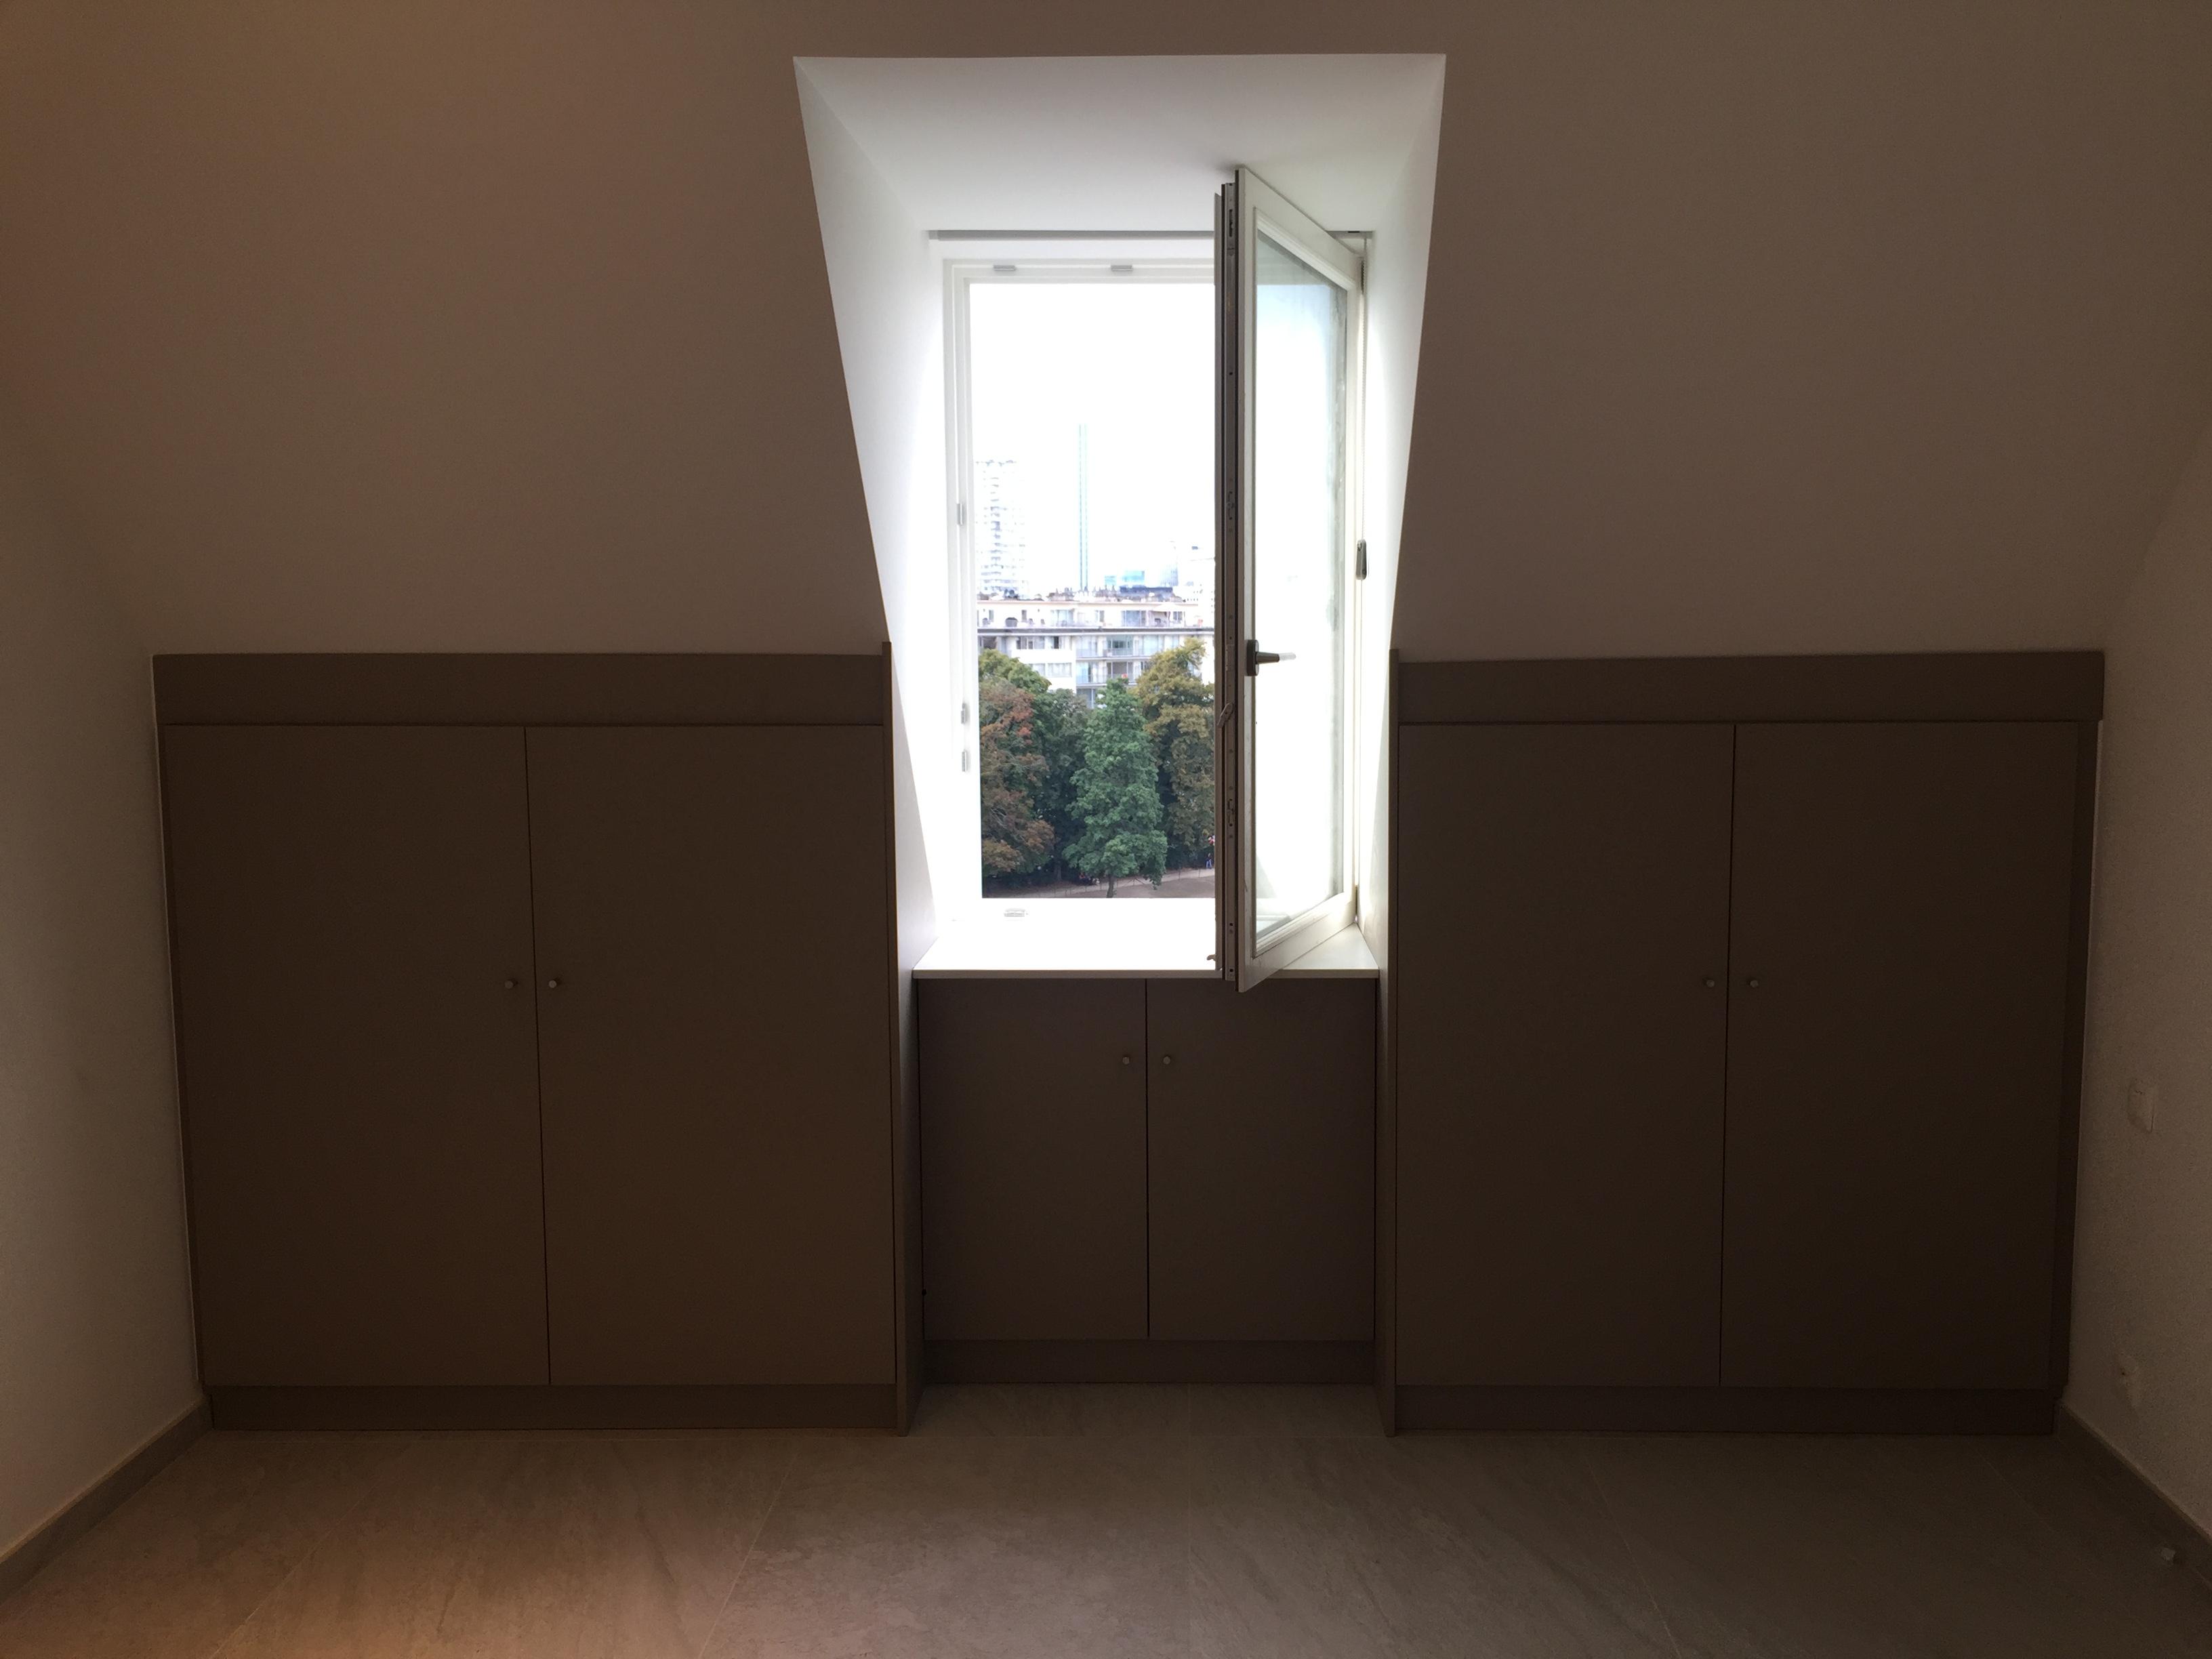 Aménagement de greniers - Espaces de rangement sous-pente et sur-mesure réalisé en partenariat avec Collectif Design